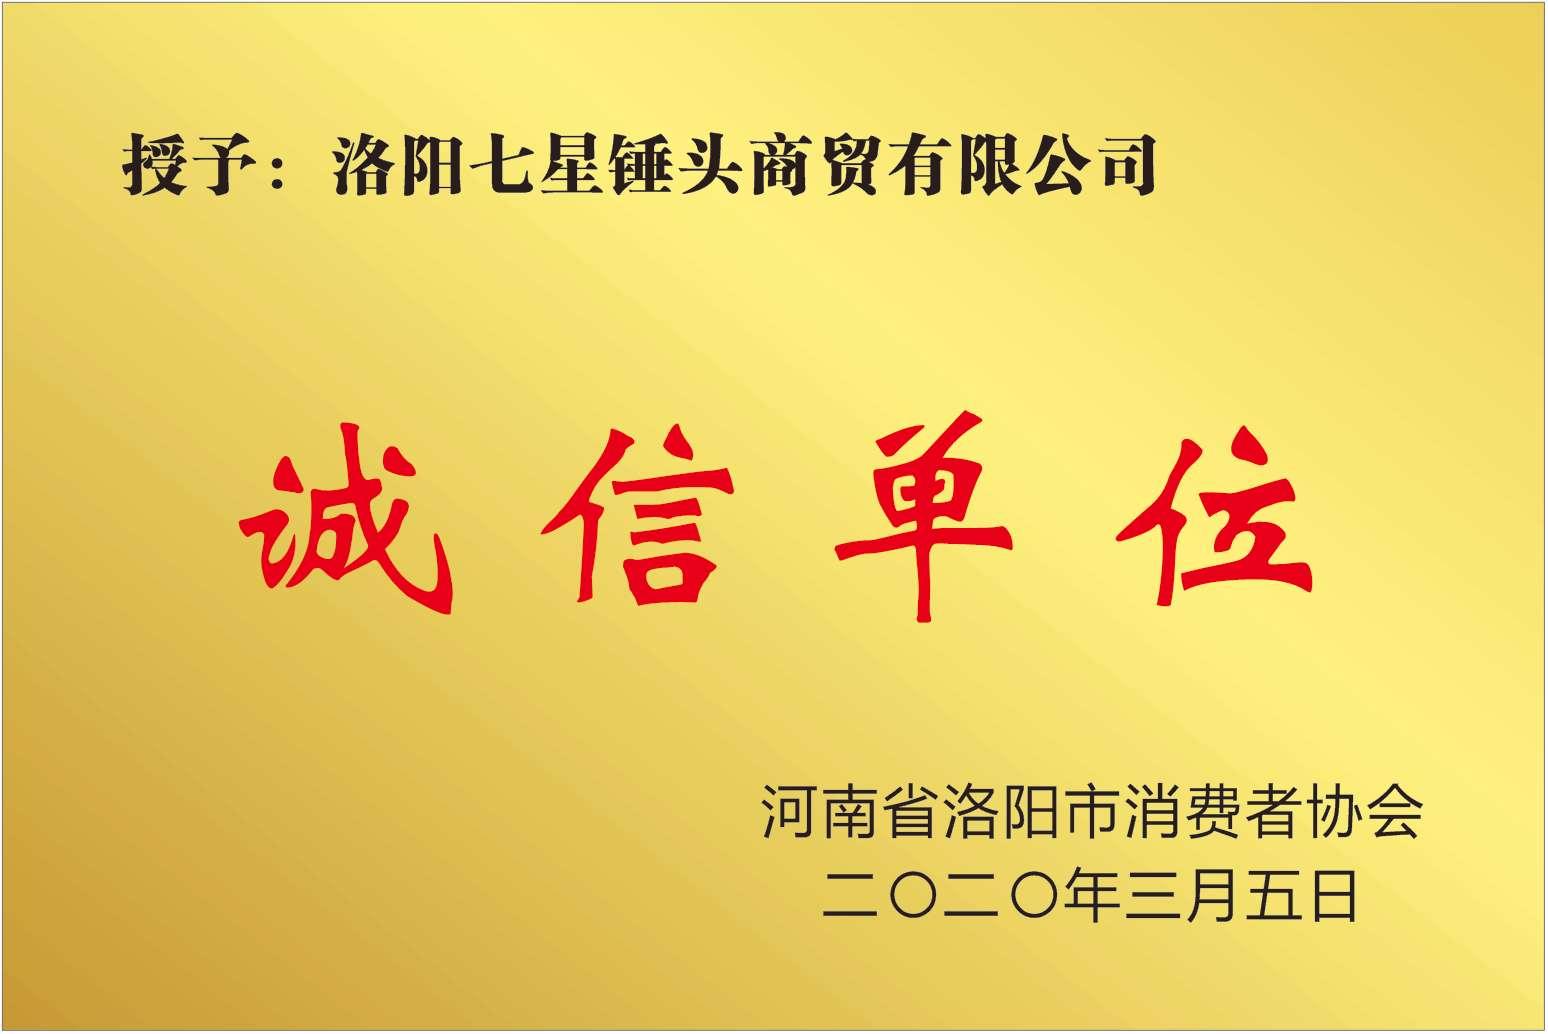 河南省洛阳市消费者协会颁发证书